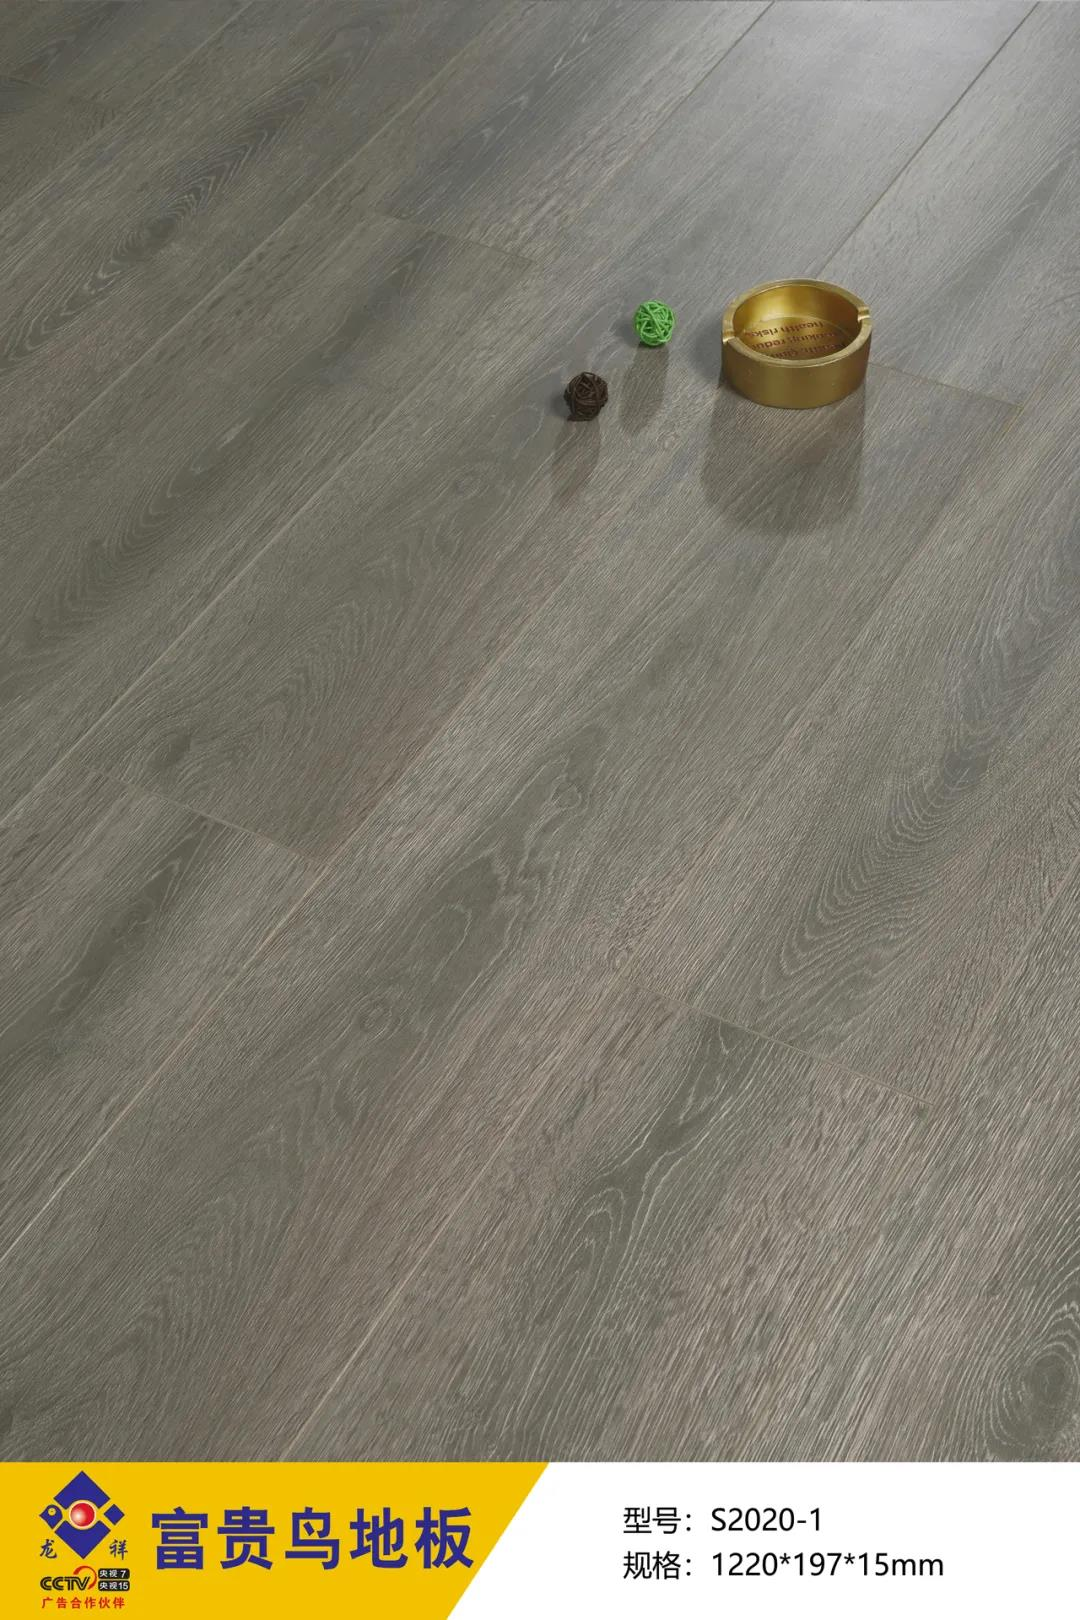 新三层实木地板 | S2020-1~S2020-13